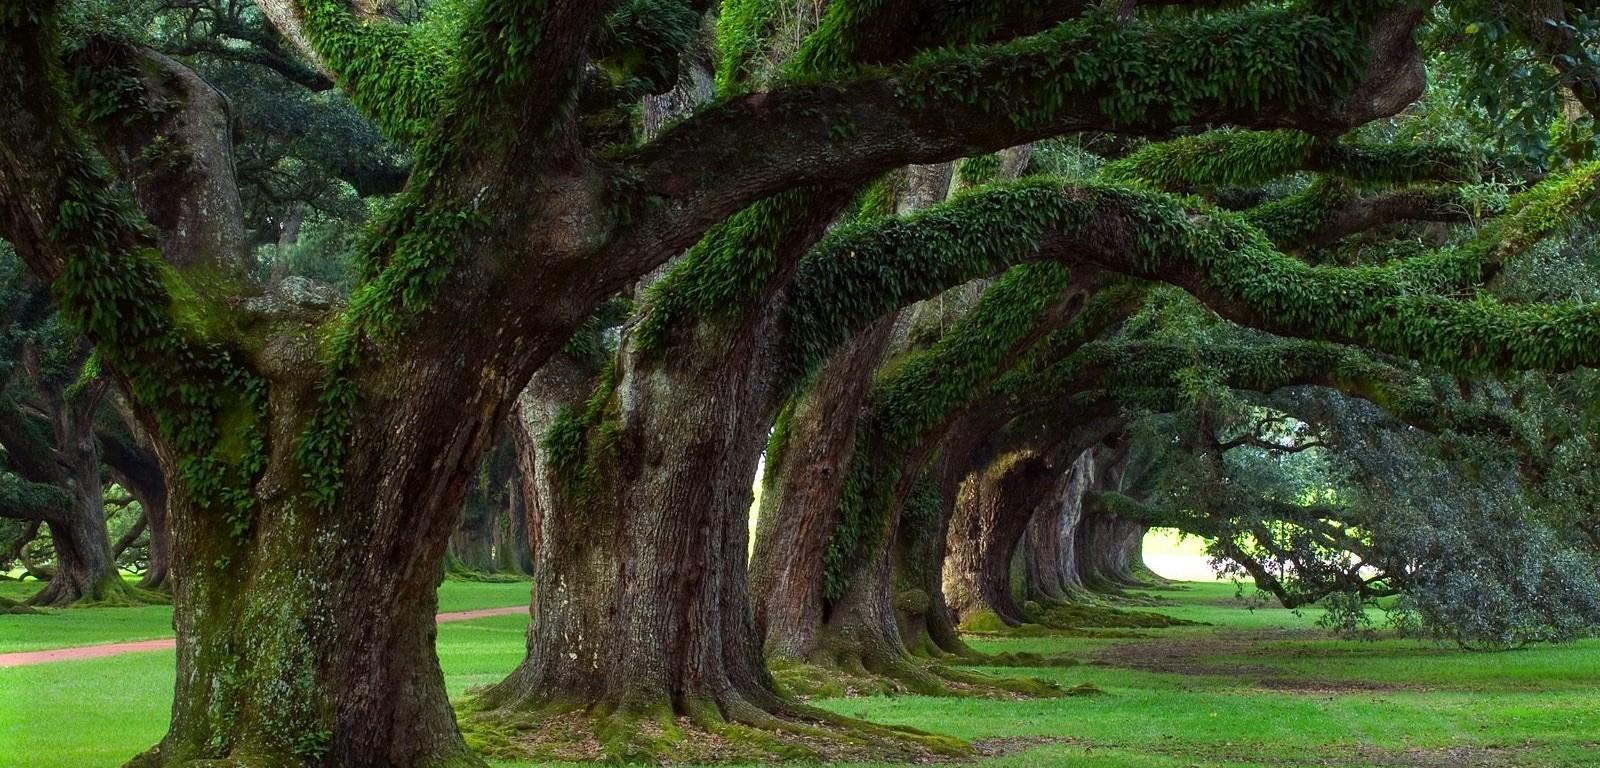 Censimento degli alberi monumentali: tutti i ritardi dei comuni italiani -  Green.it